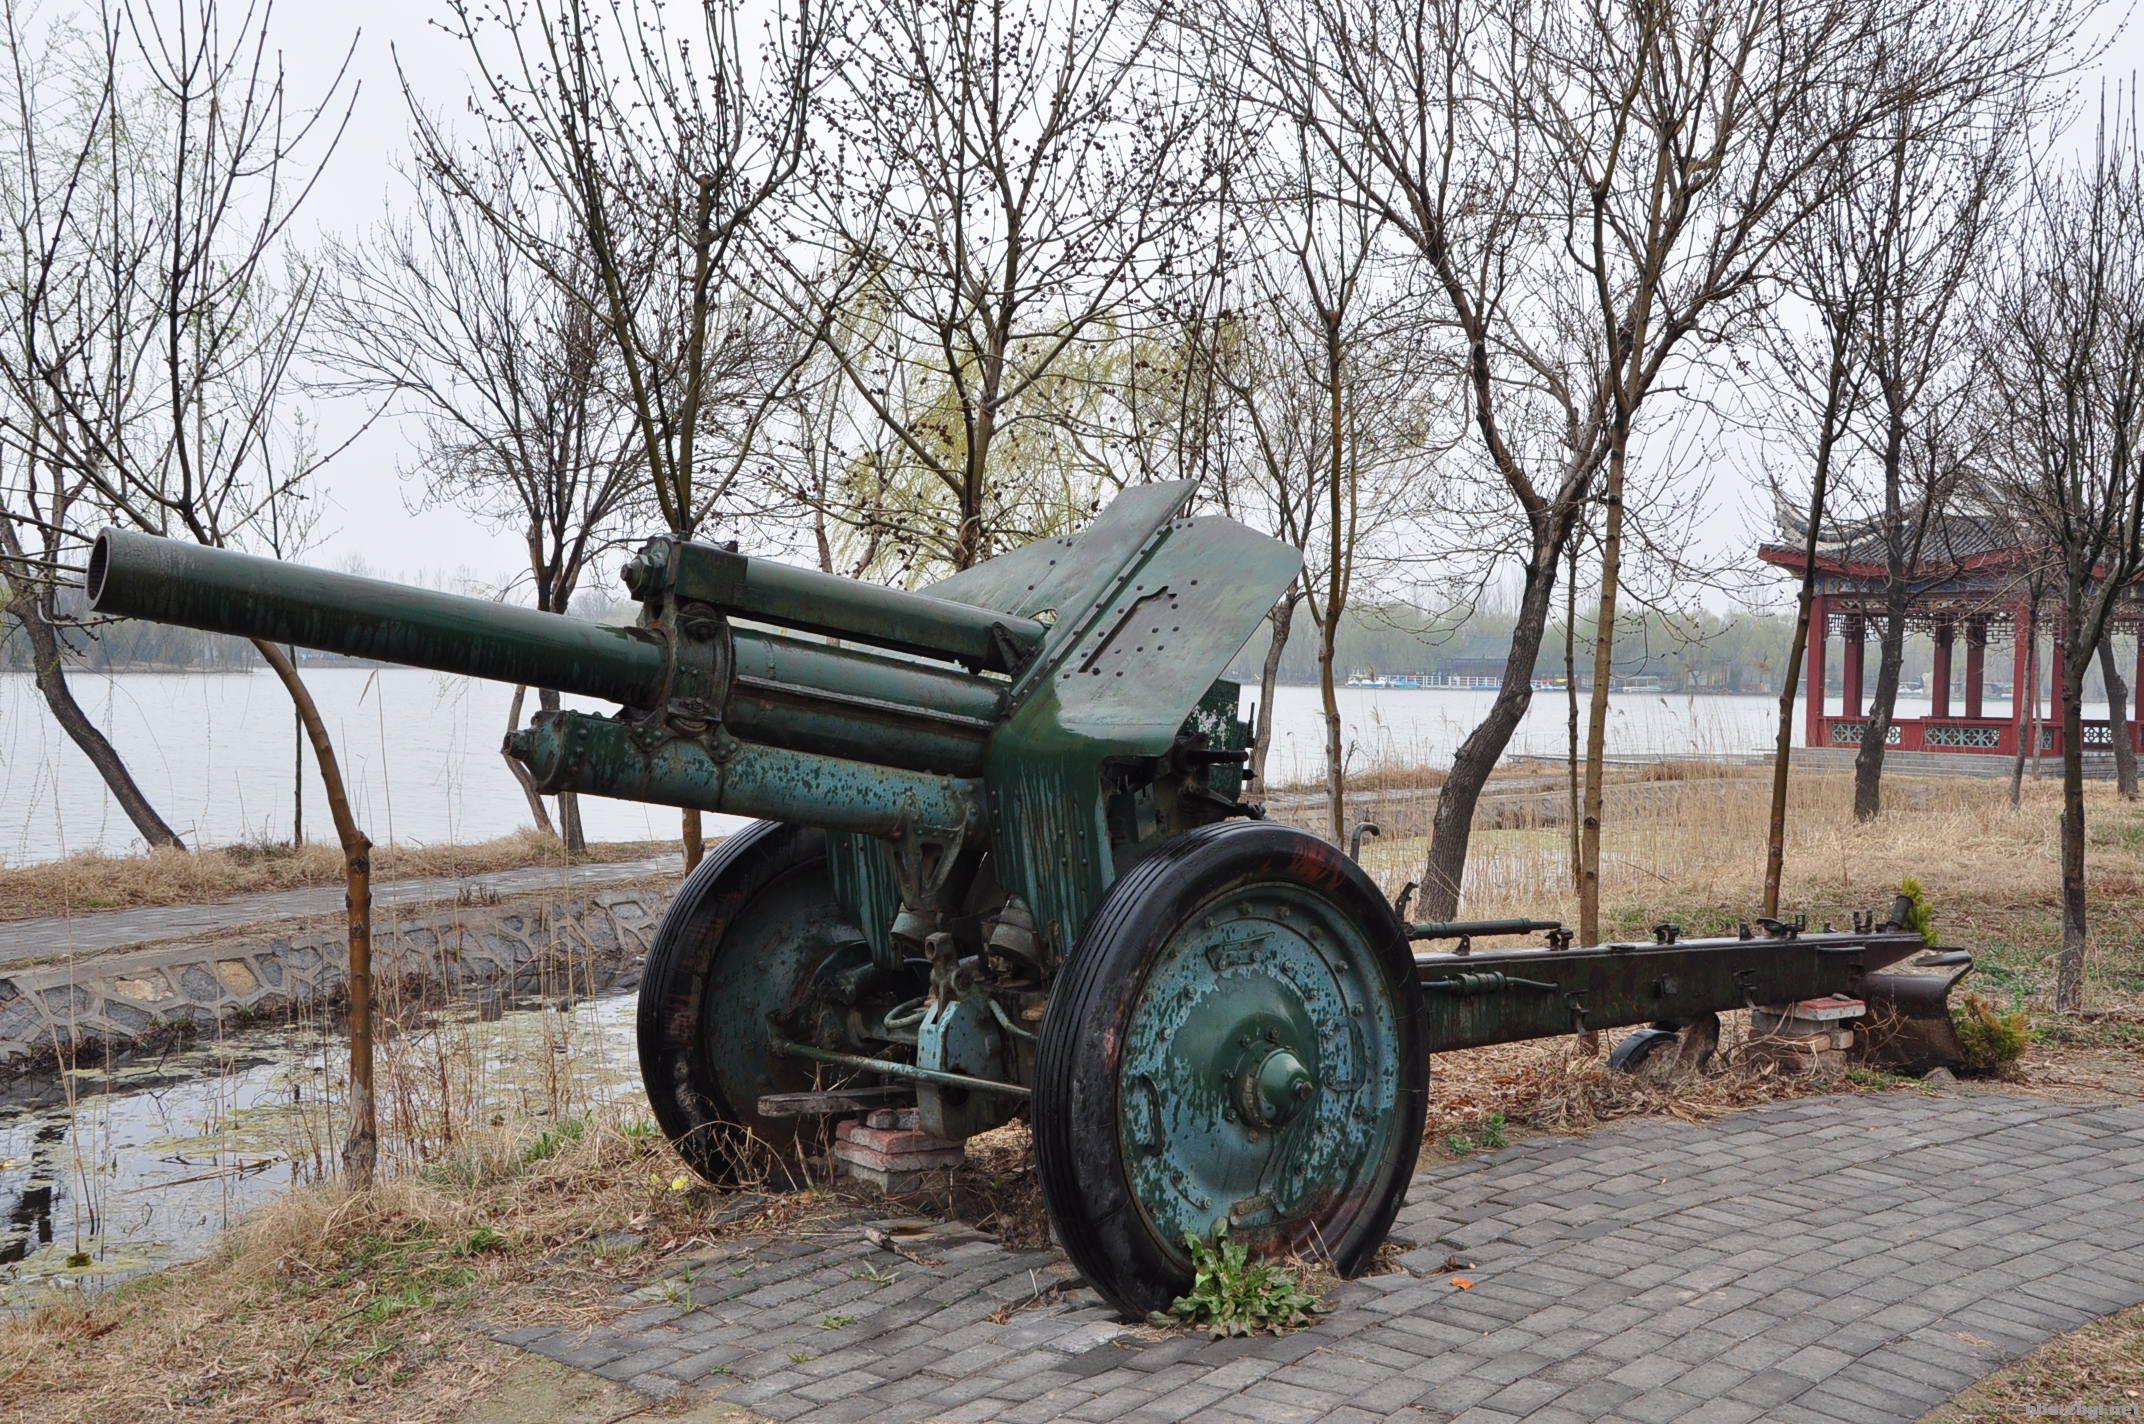 炮�_tamiya 4号突击榴弹炮板件评测 图片合集